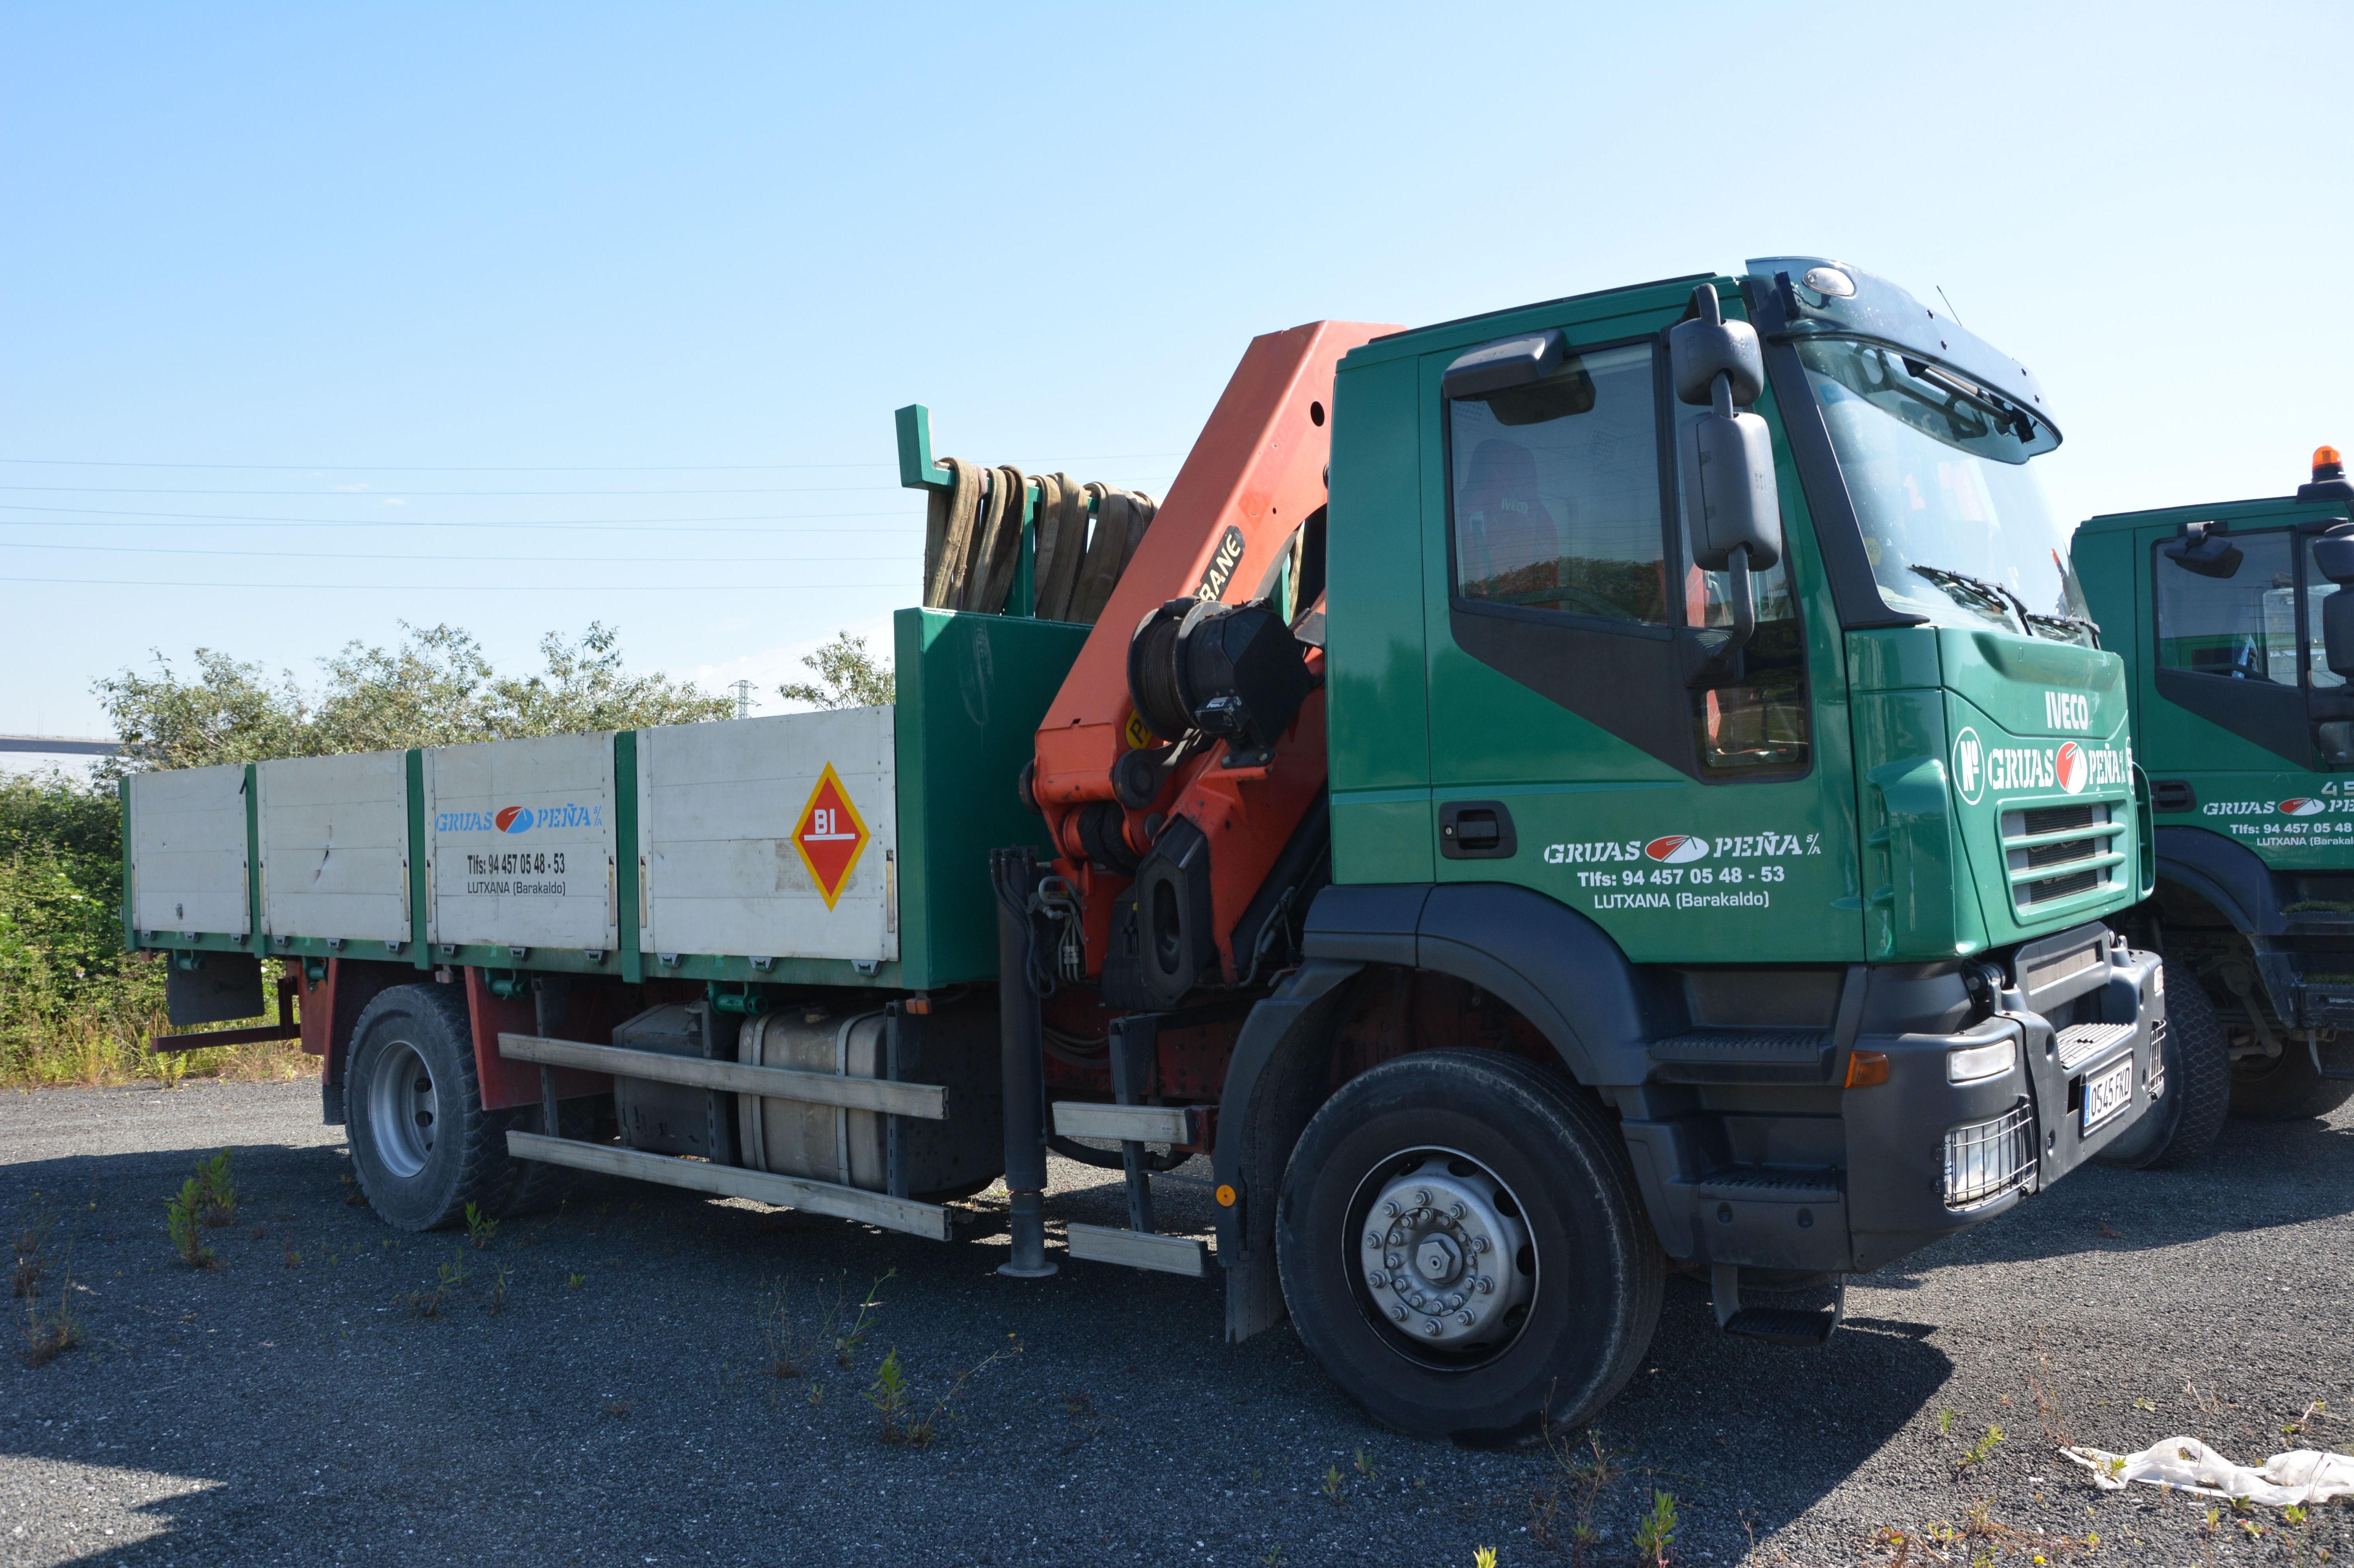 Foto 11 de Alquiler de camiones con grúa en Barakaldo | Camiones con Grúas Peña